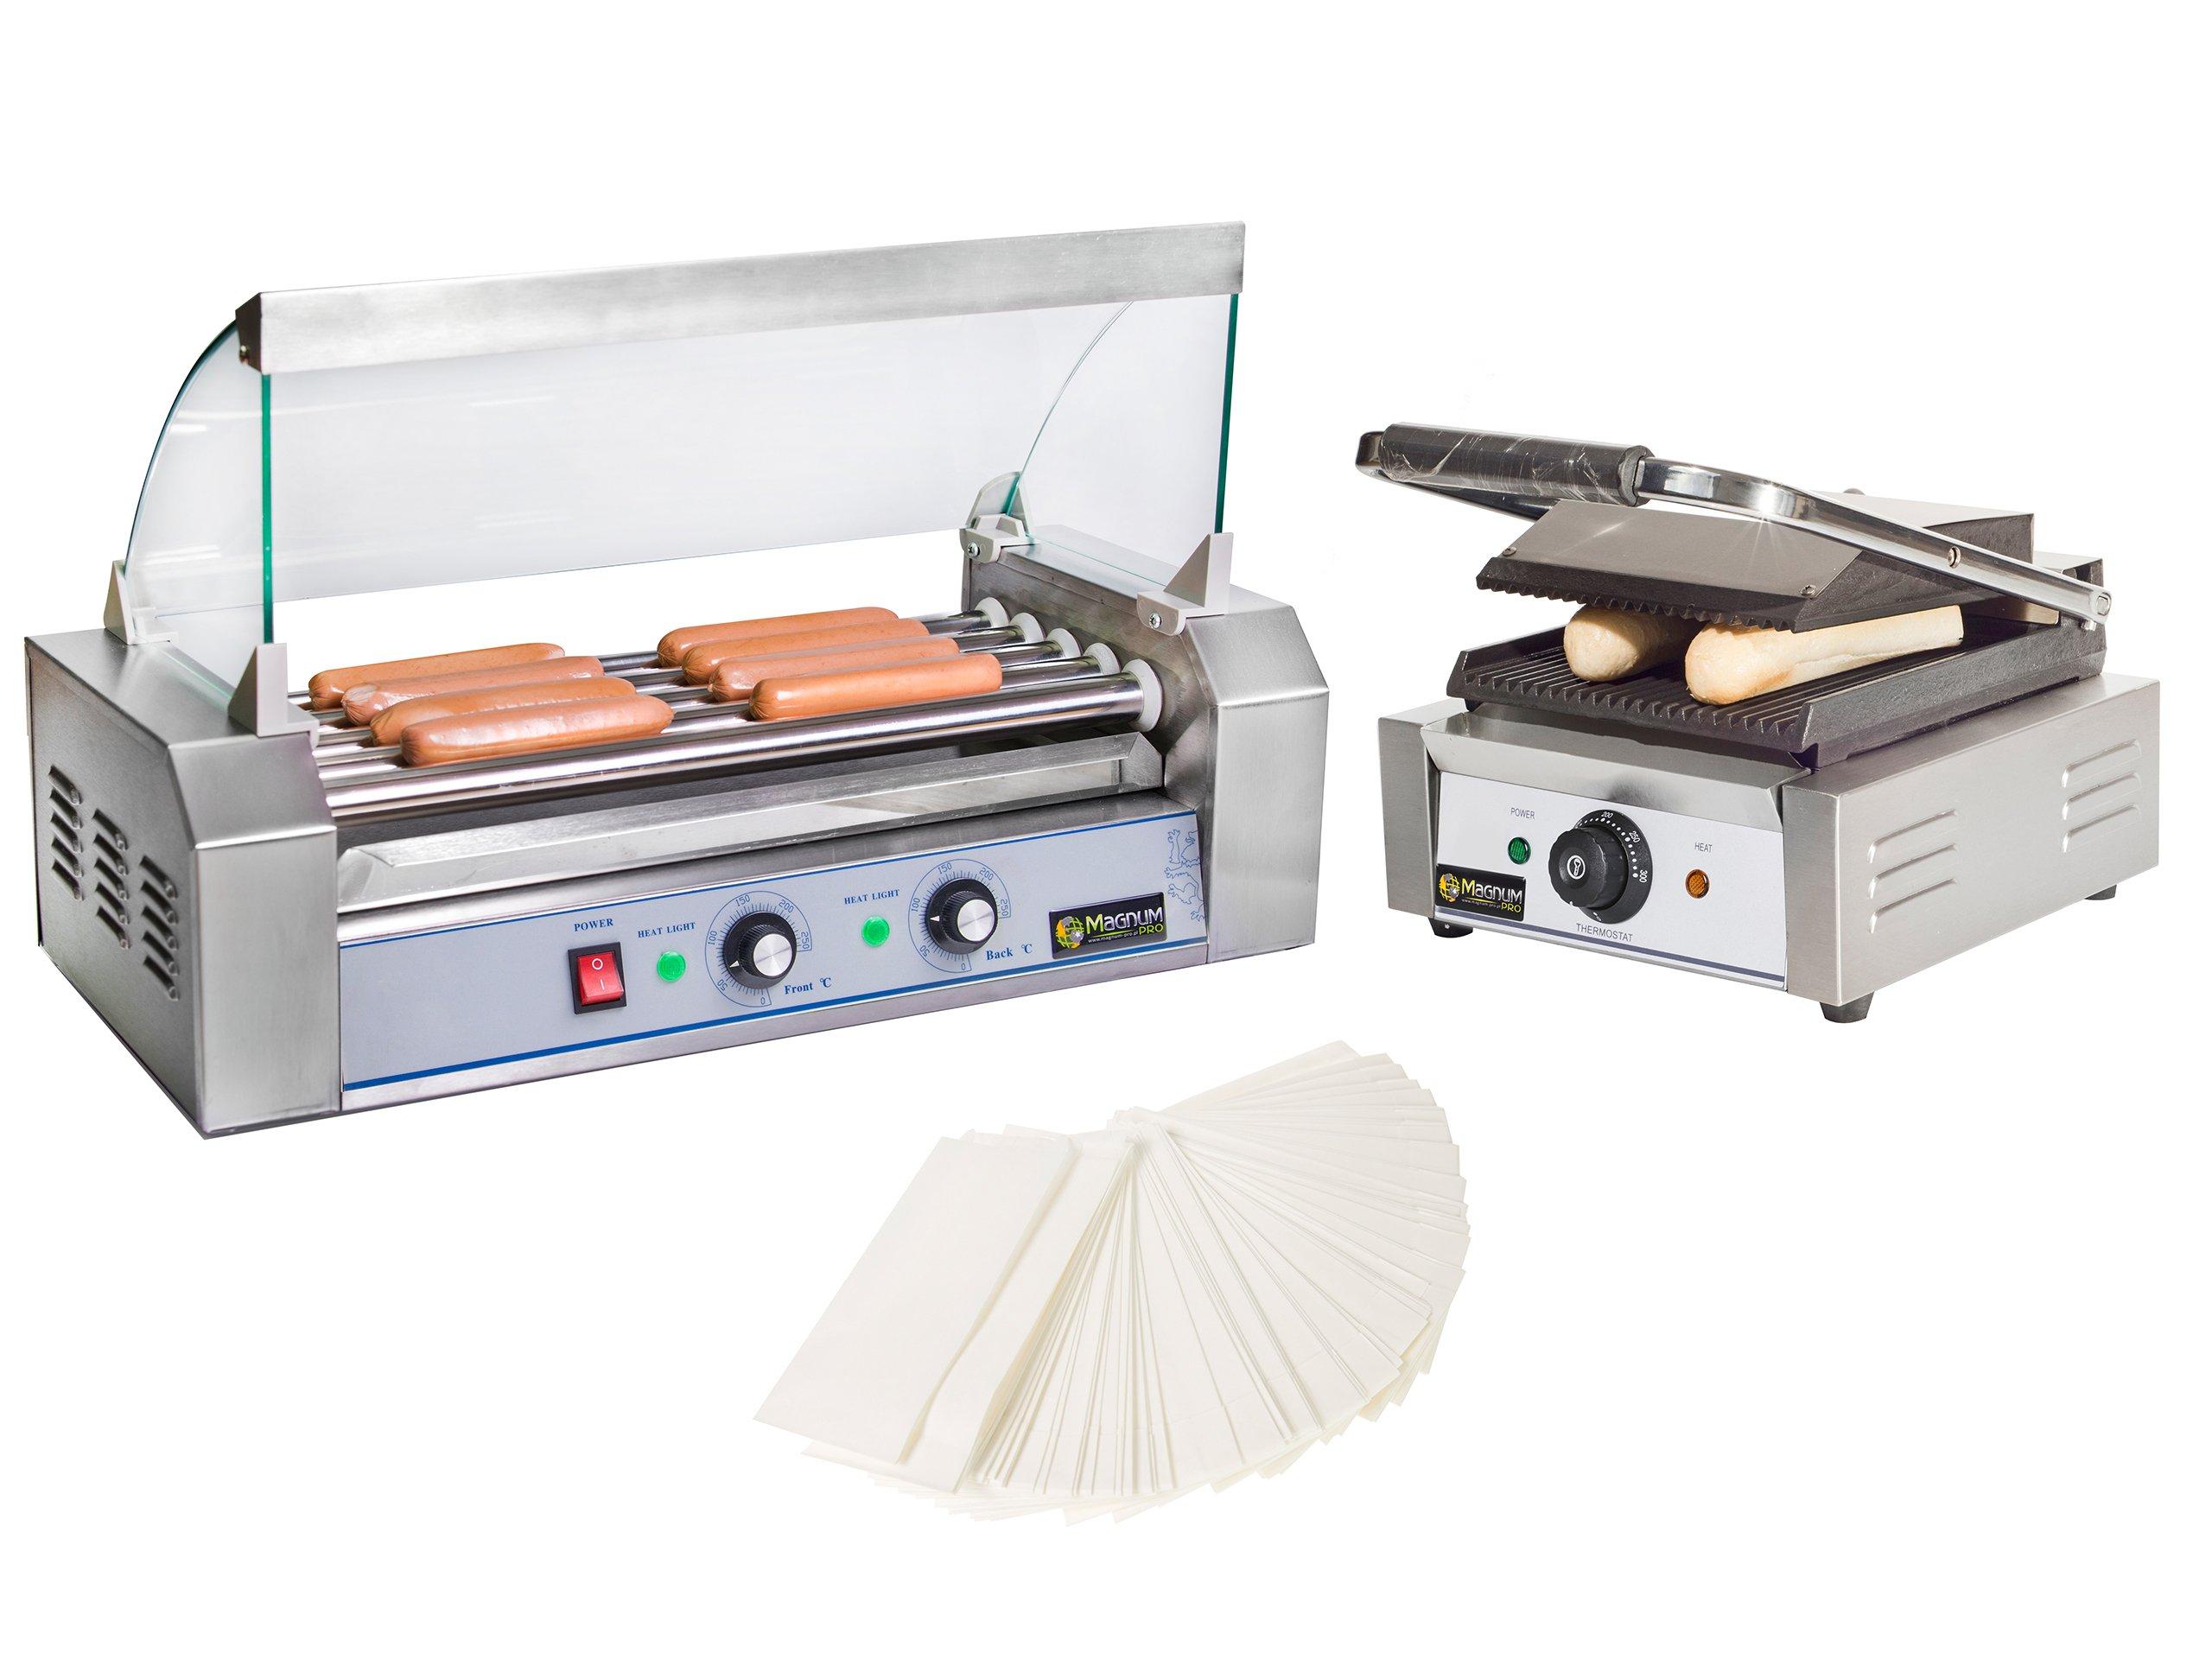 Hot-Docy Kit kúrenie + BBQ + kabelky!